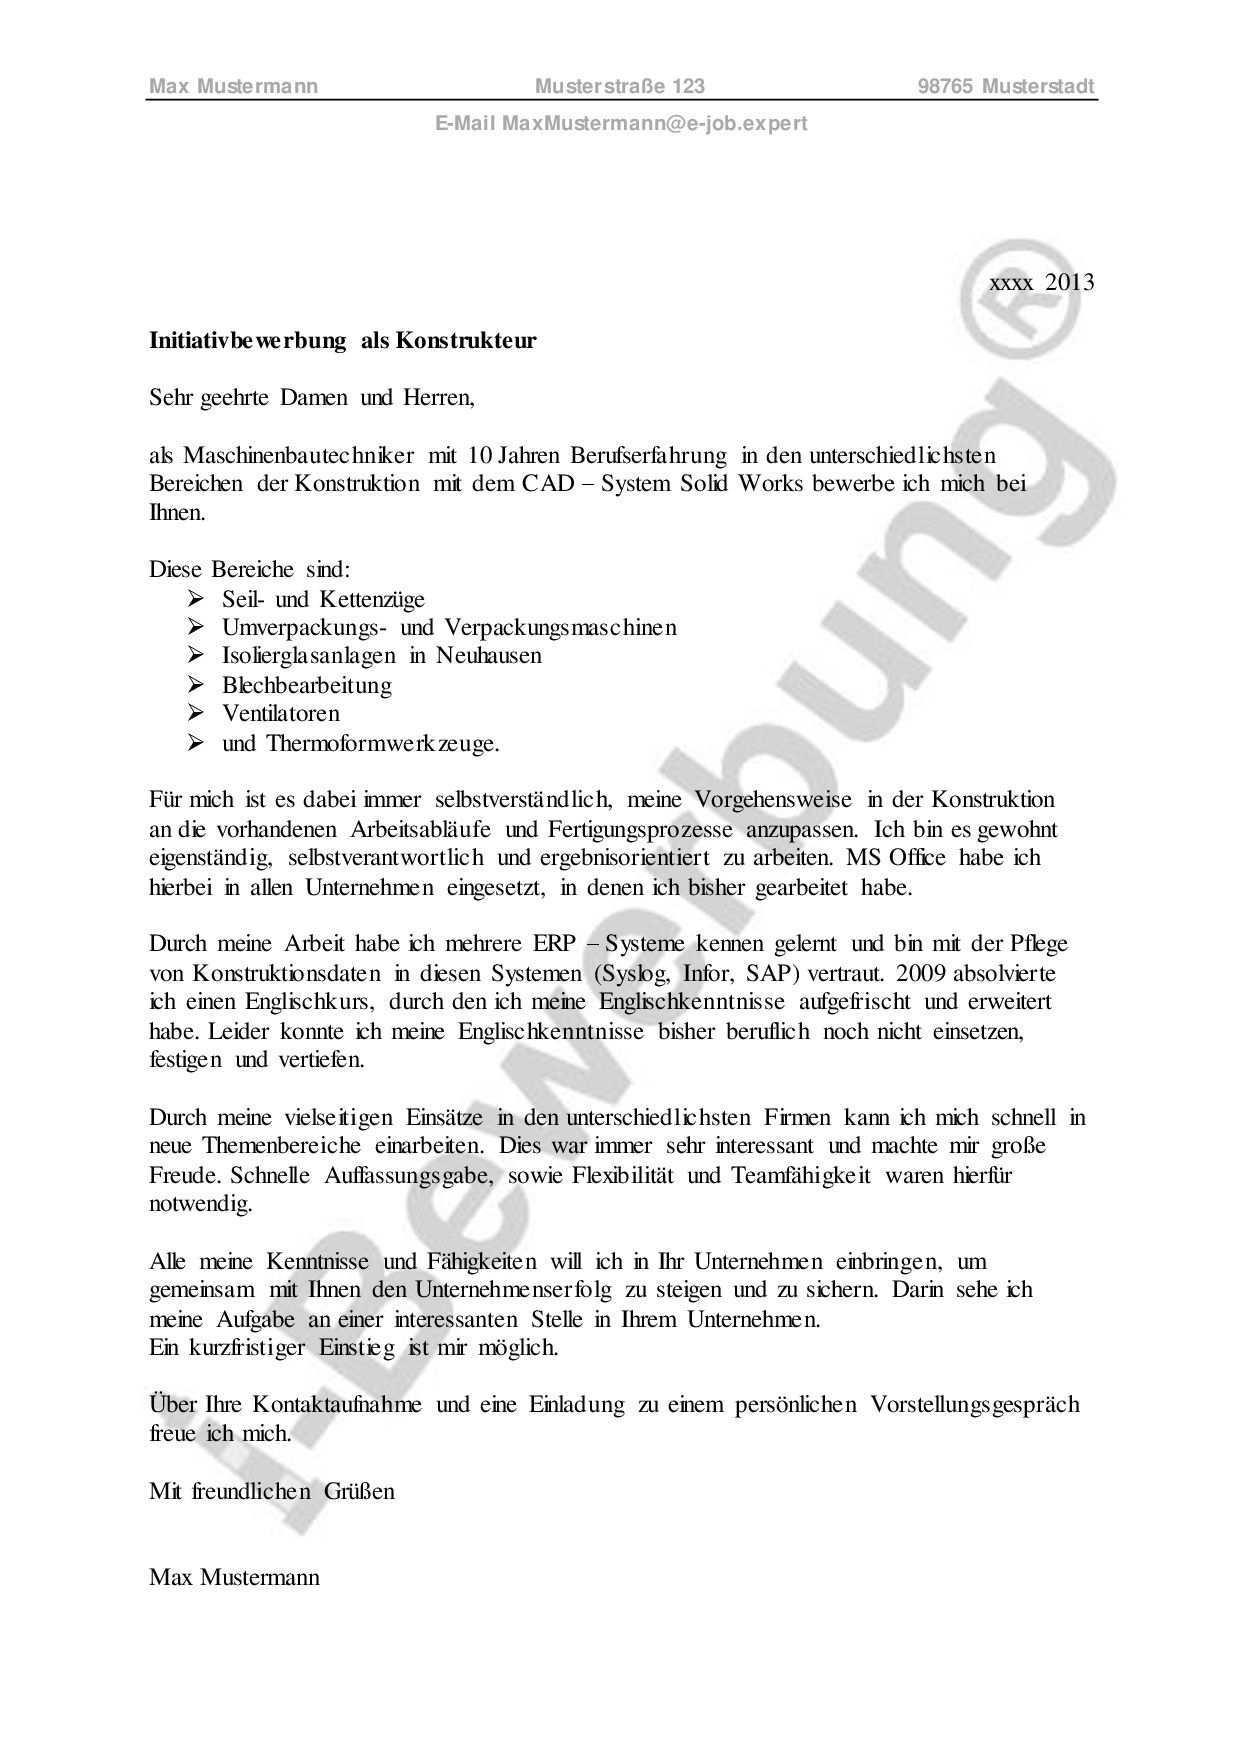 Was Ist Initiativbewerbung Entdecken Sie Den Verdeckten Stellenmarkt Bewerbung Brief Deutsch Berufserfahrung